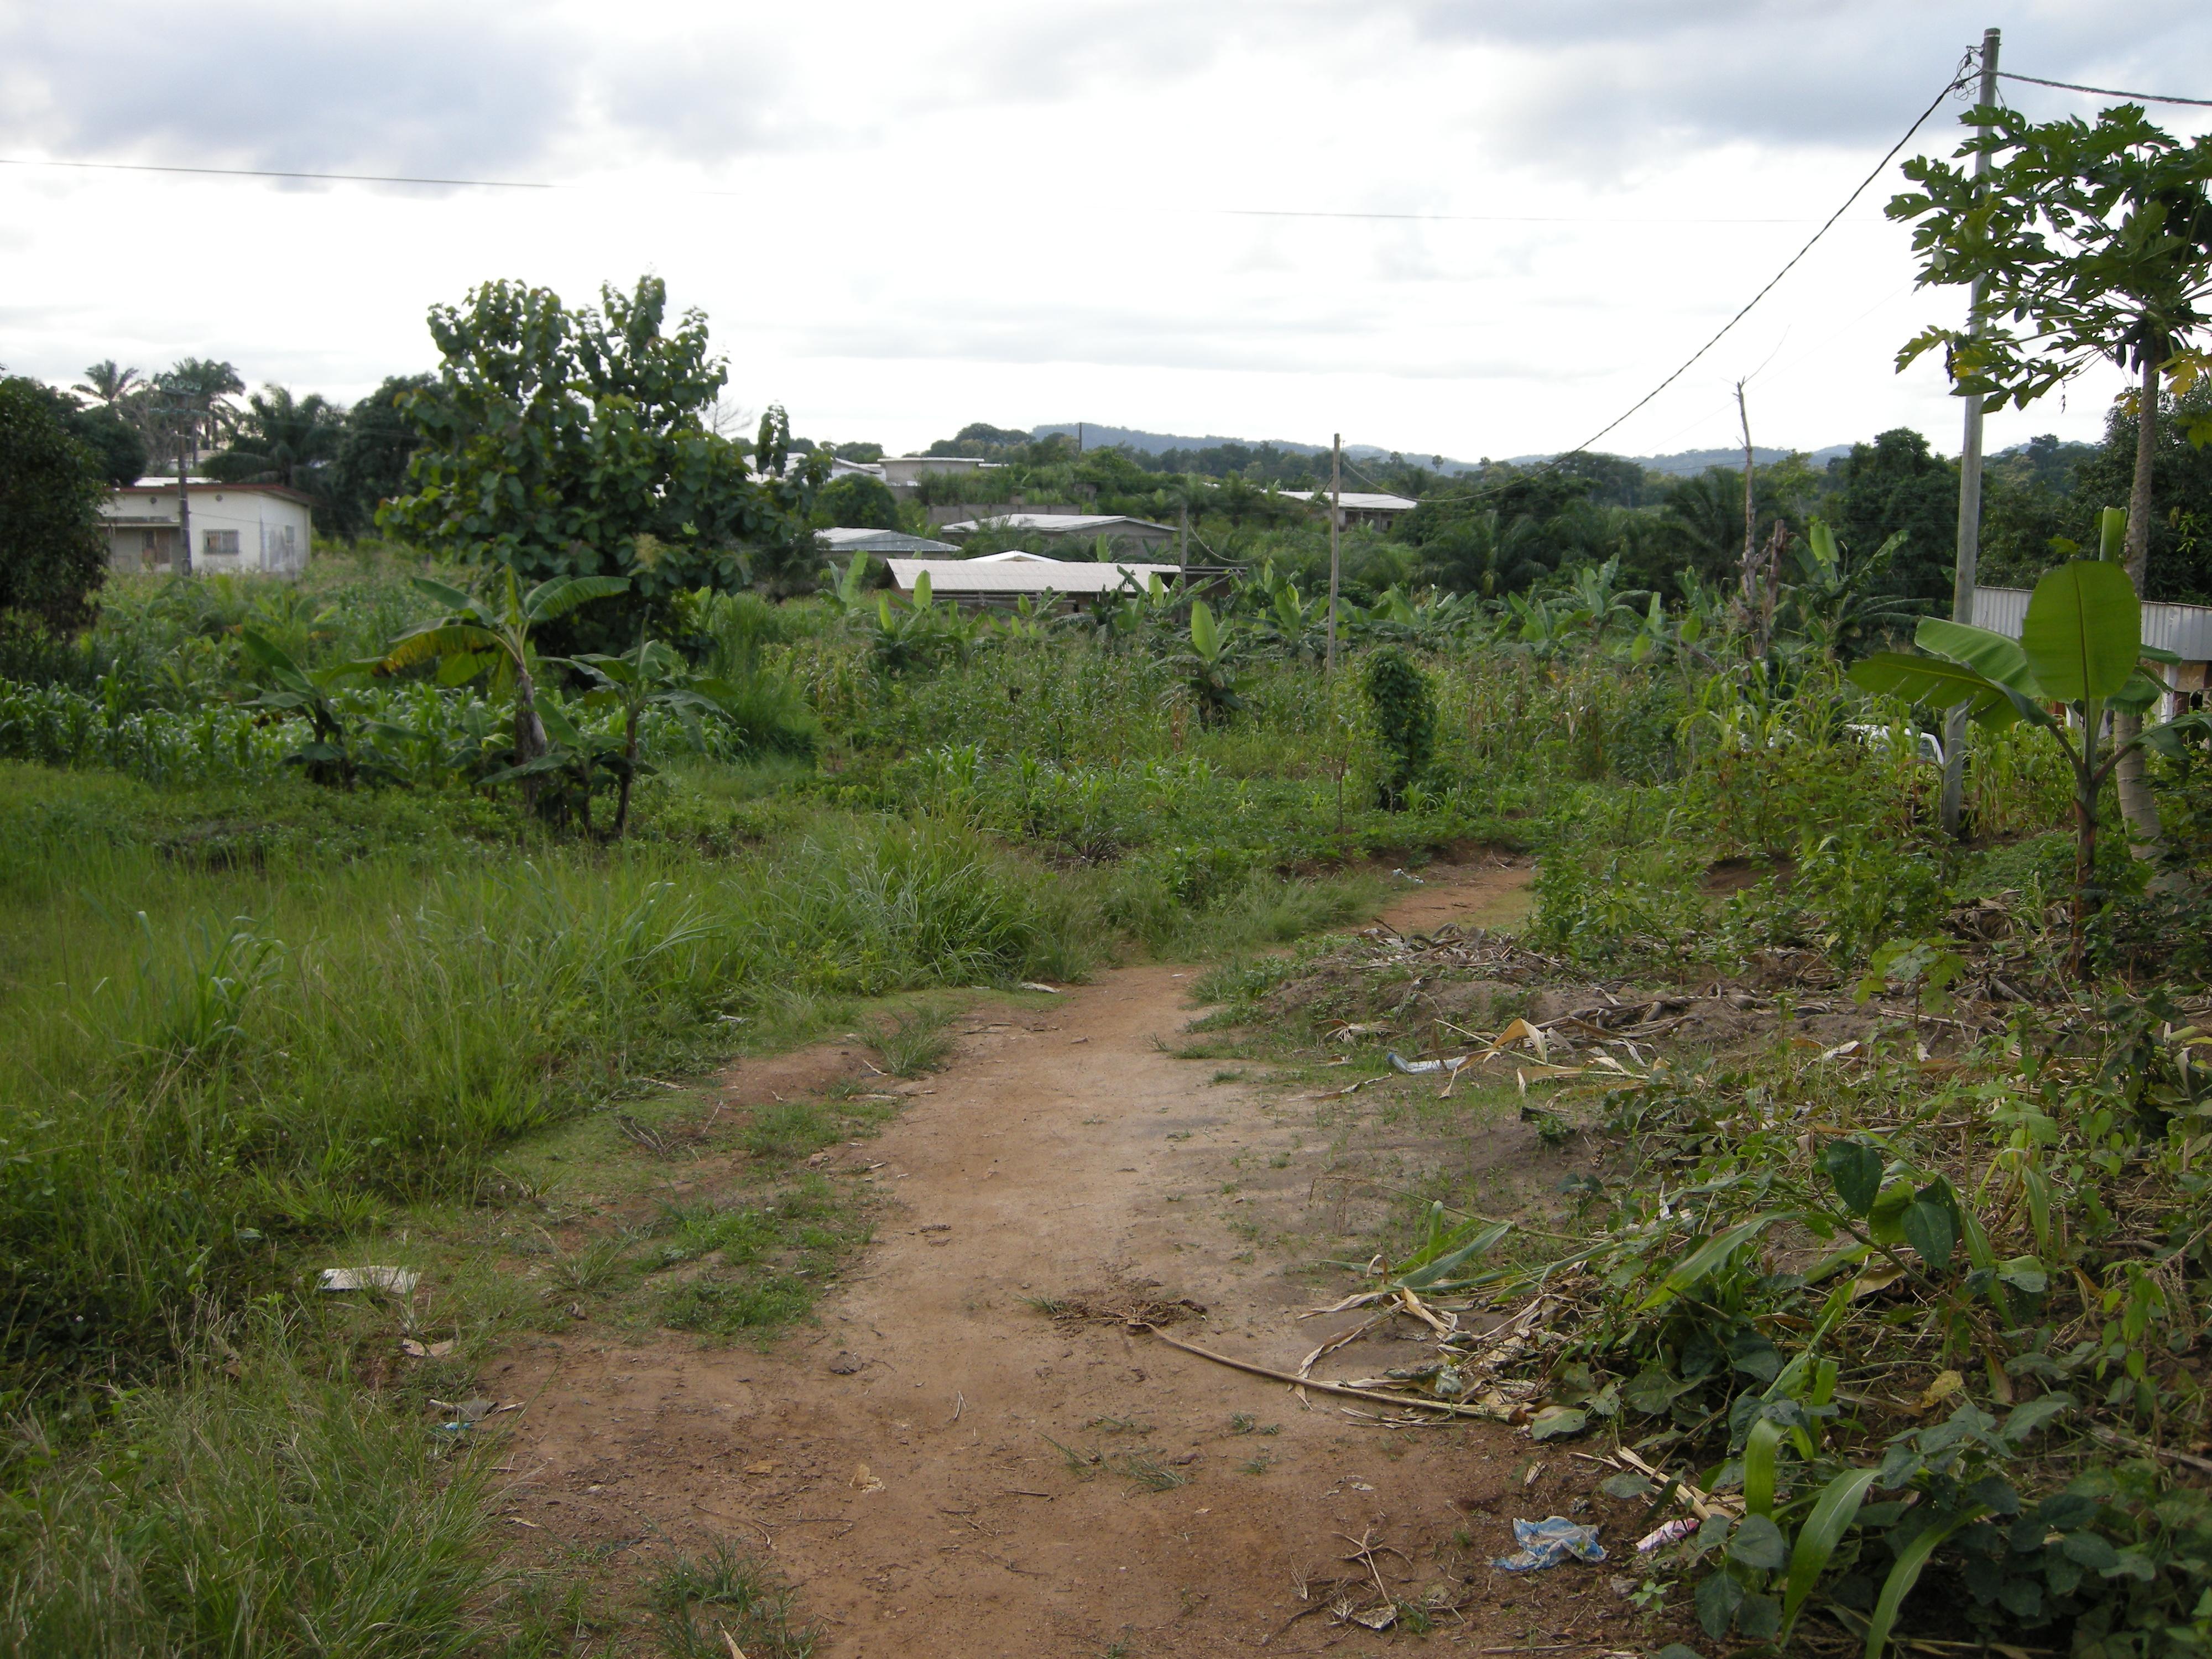 http://cameroon.betacantrips.com/wp-content/uploads/2010/07/wpid-DSCN3836.jpg